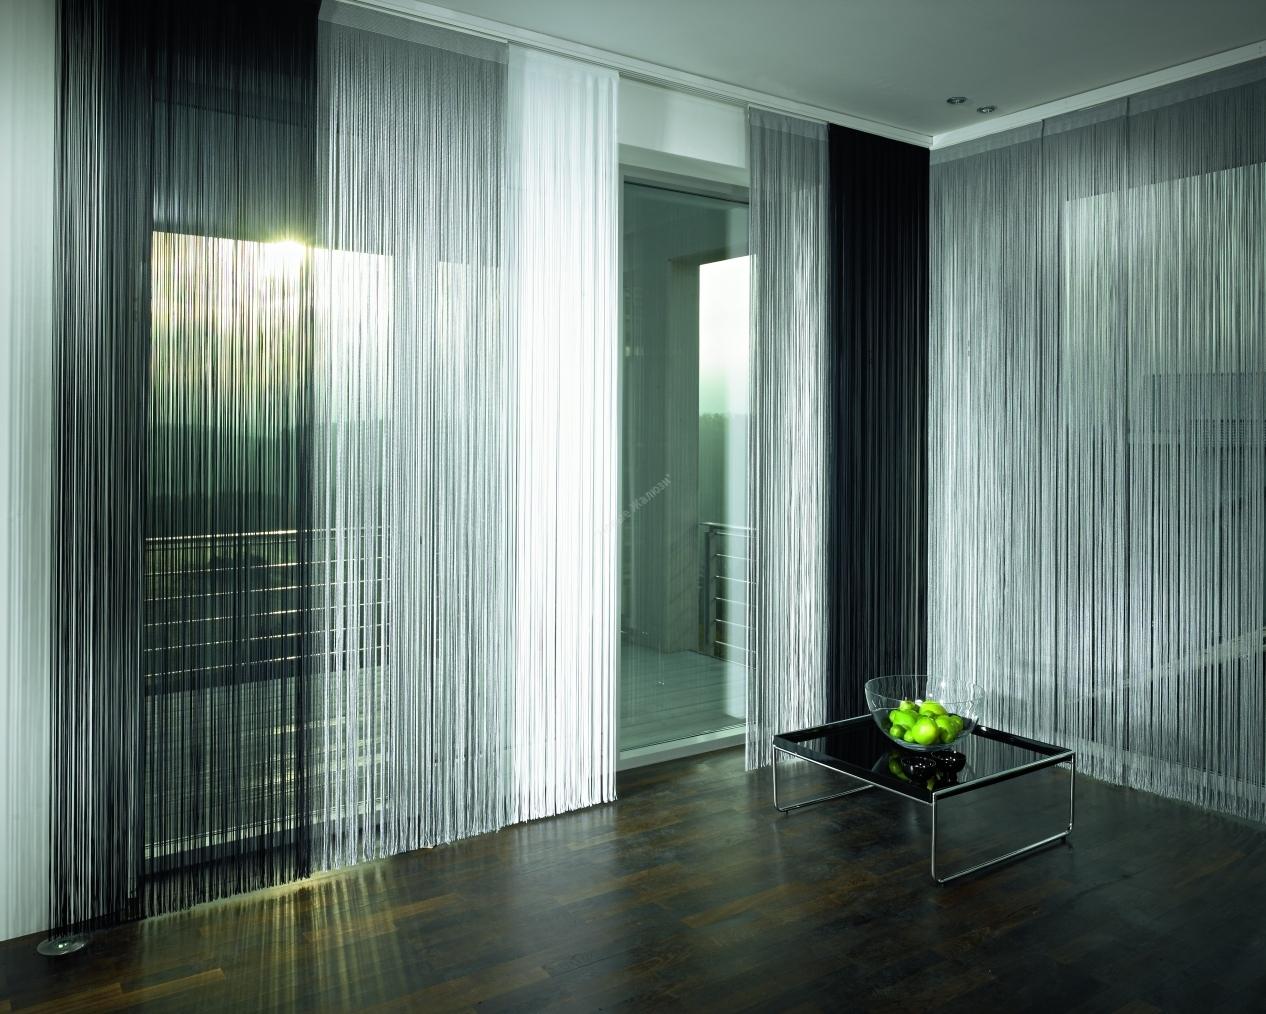 Нитяные шторы в стиле хай тек